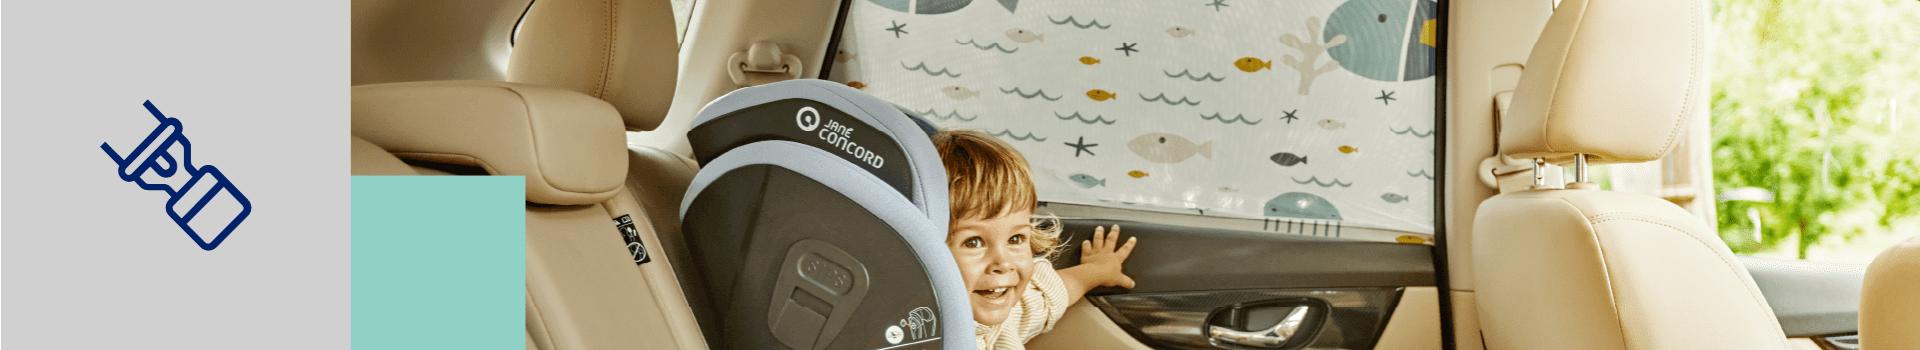 Accesorios para sillas de coche y viajes con bebés | Janéworld